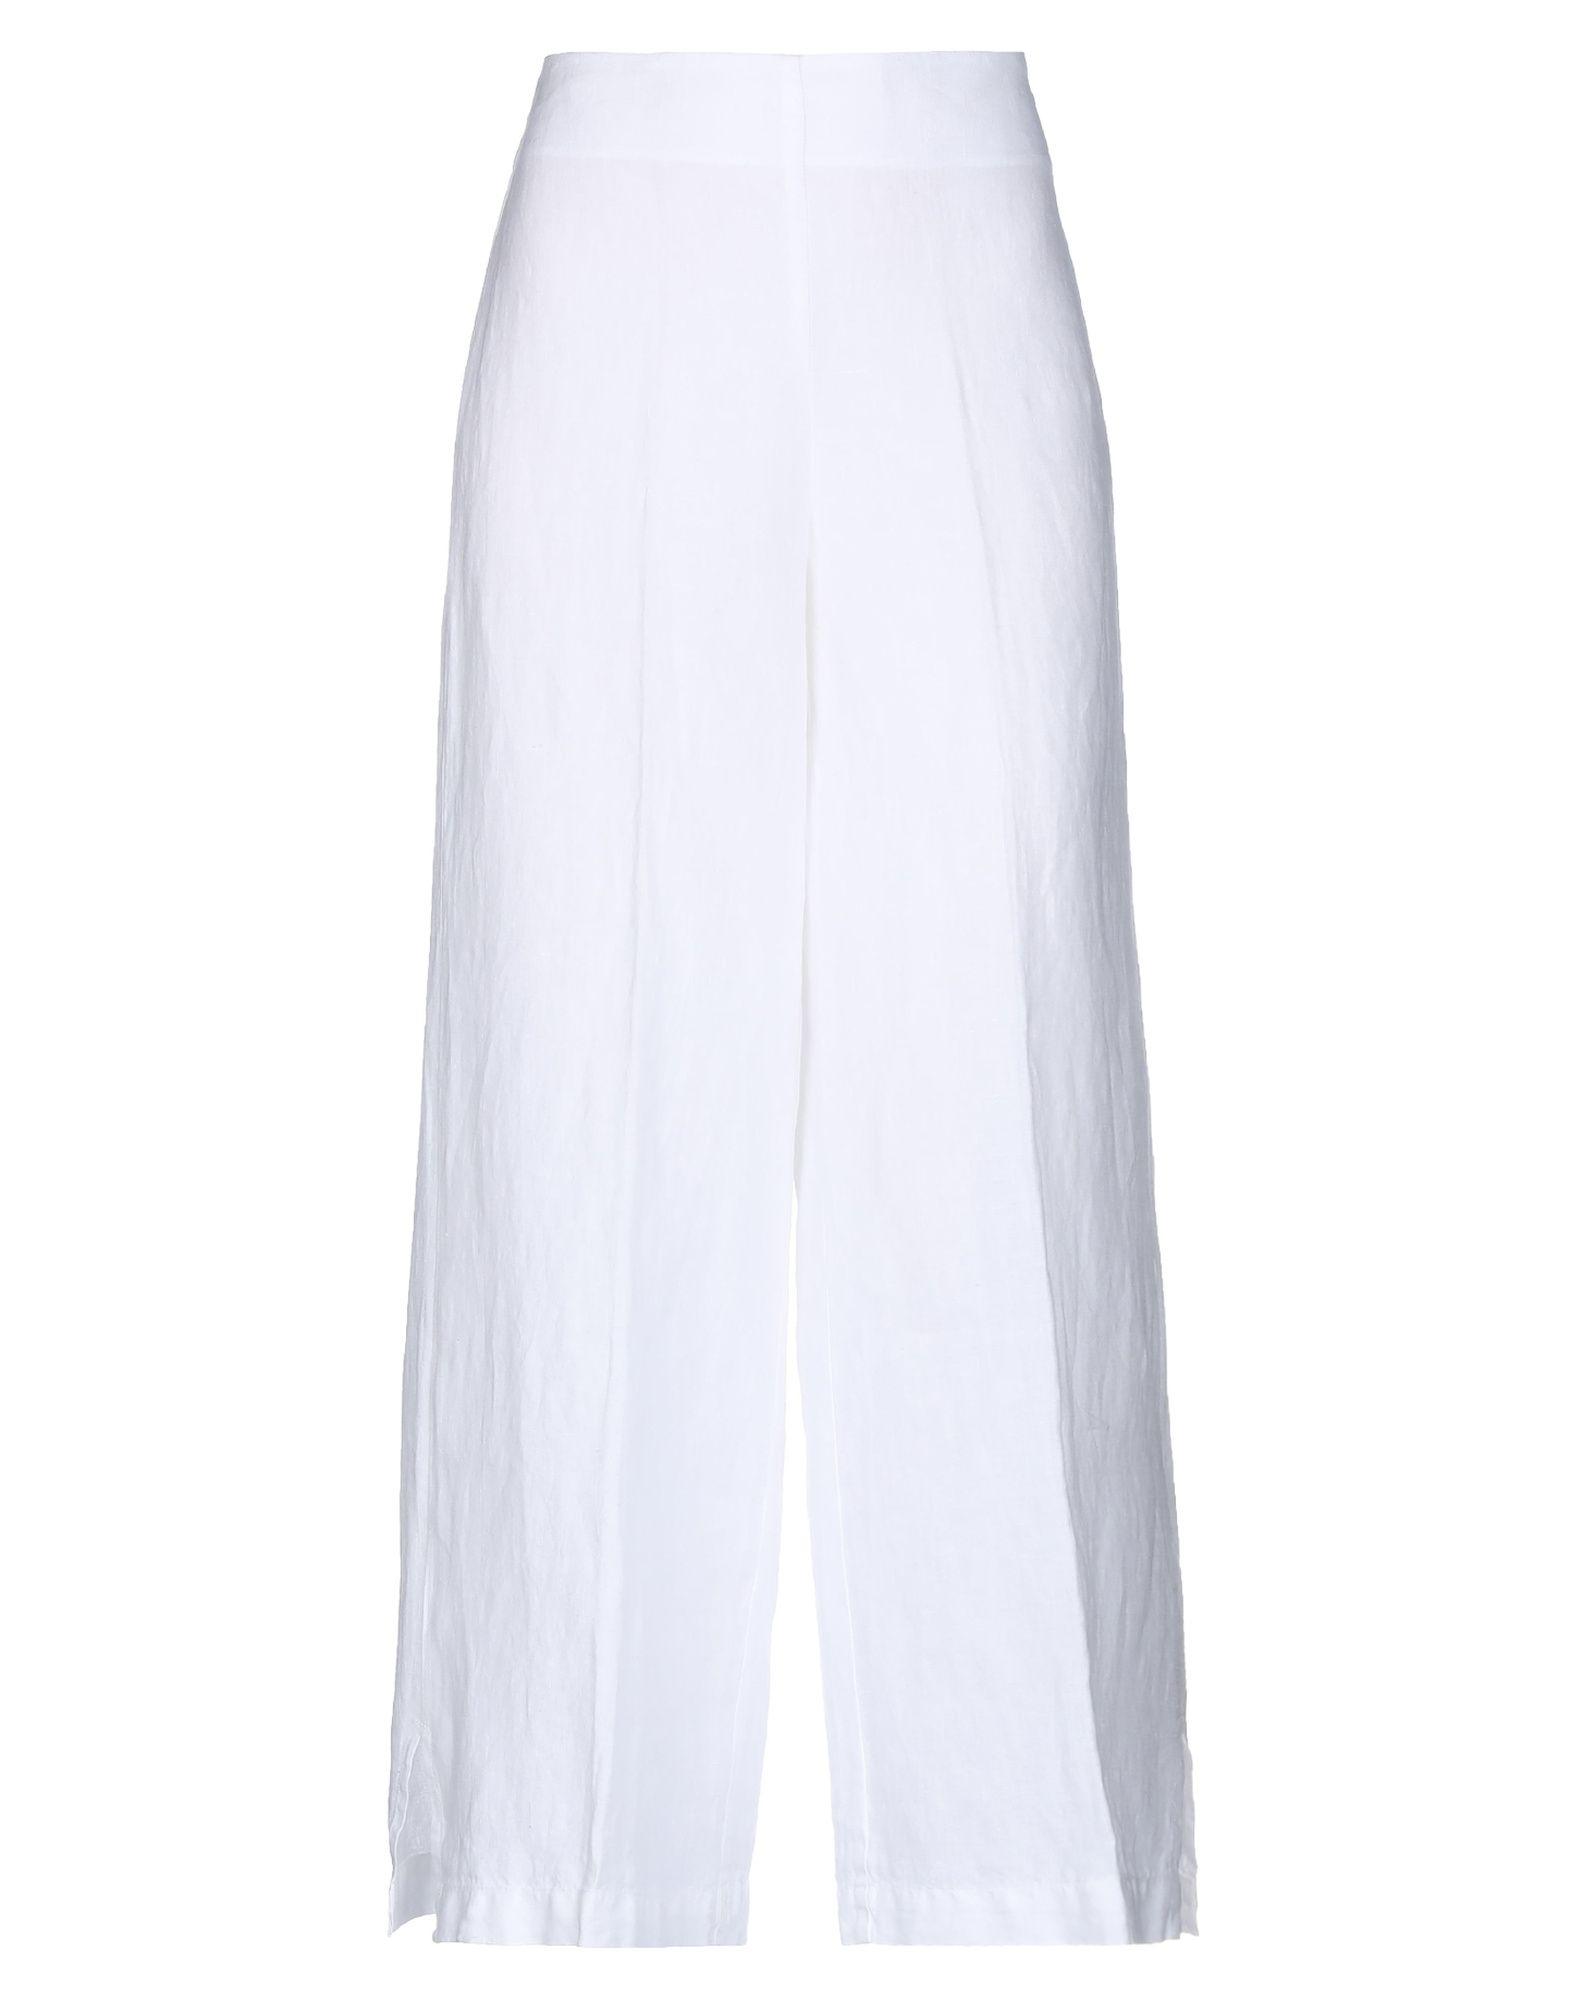 《送料無料》STEFANO MORTARI レディース パンツ ホワイト 38 麻 100%